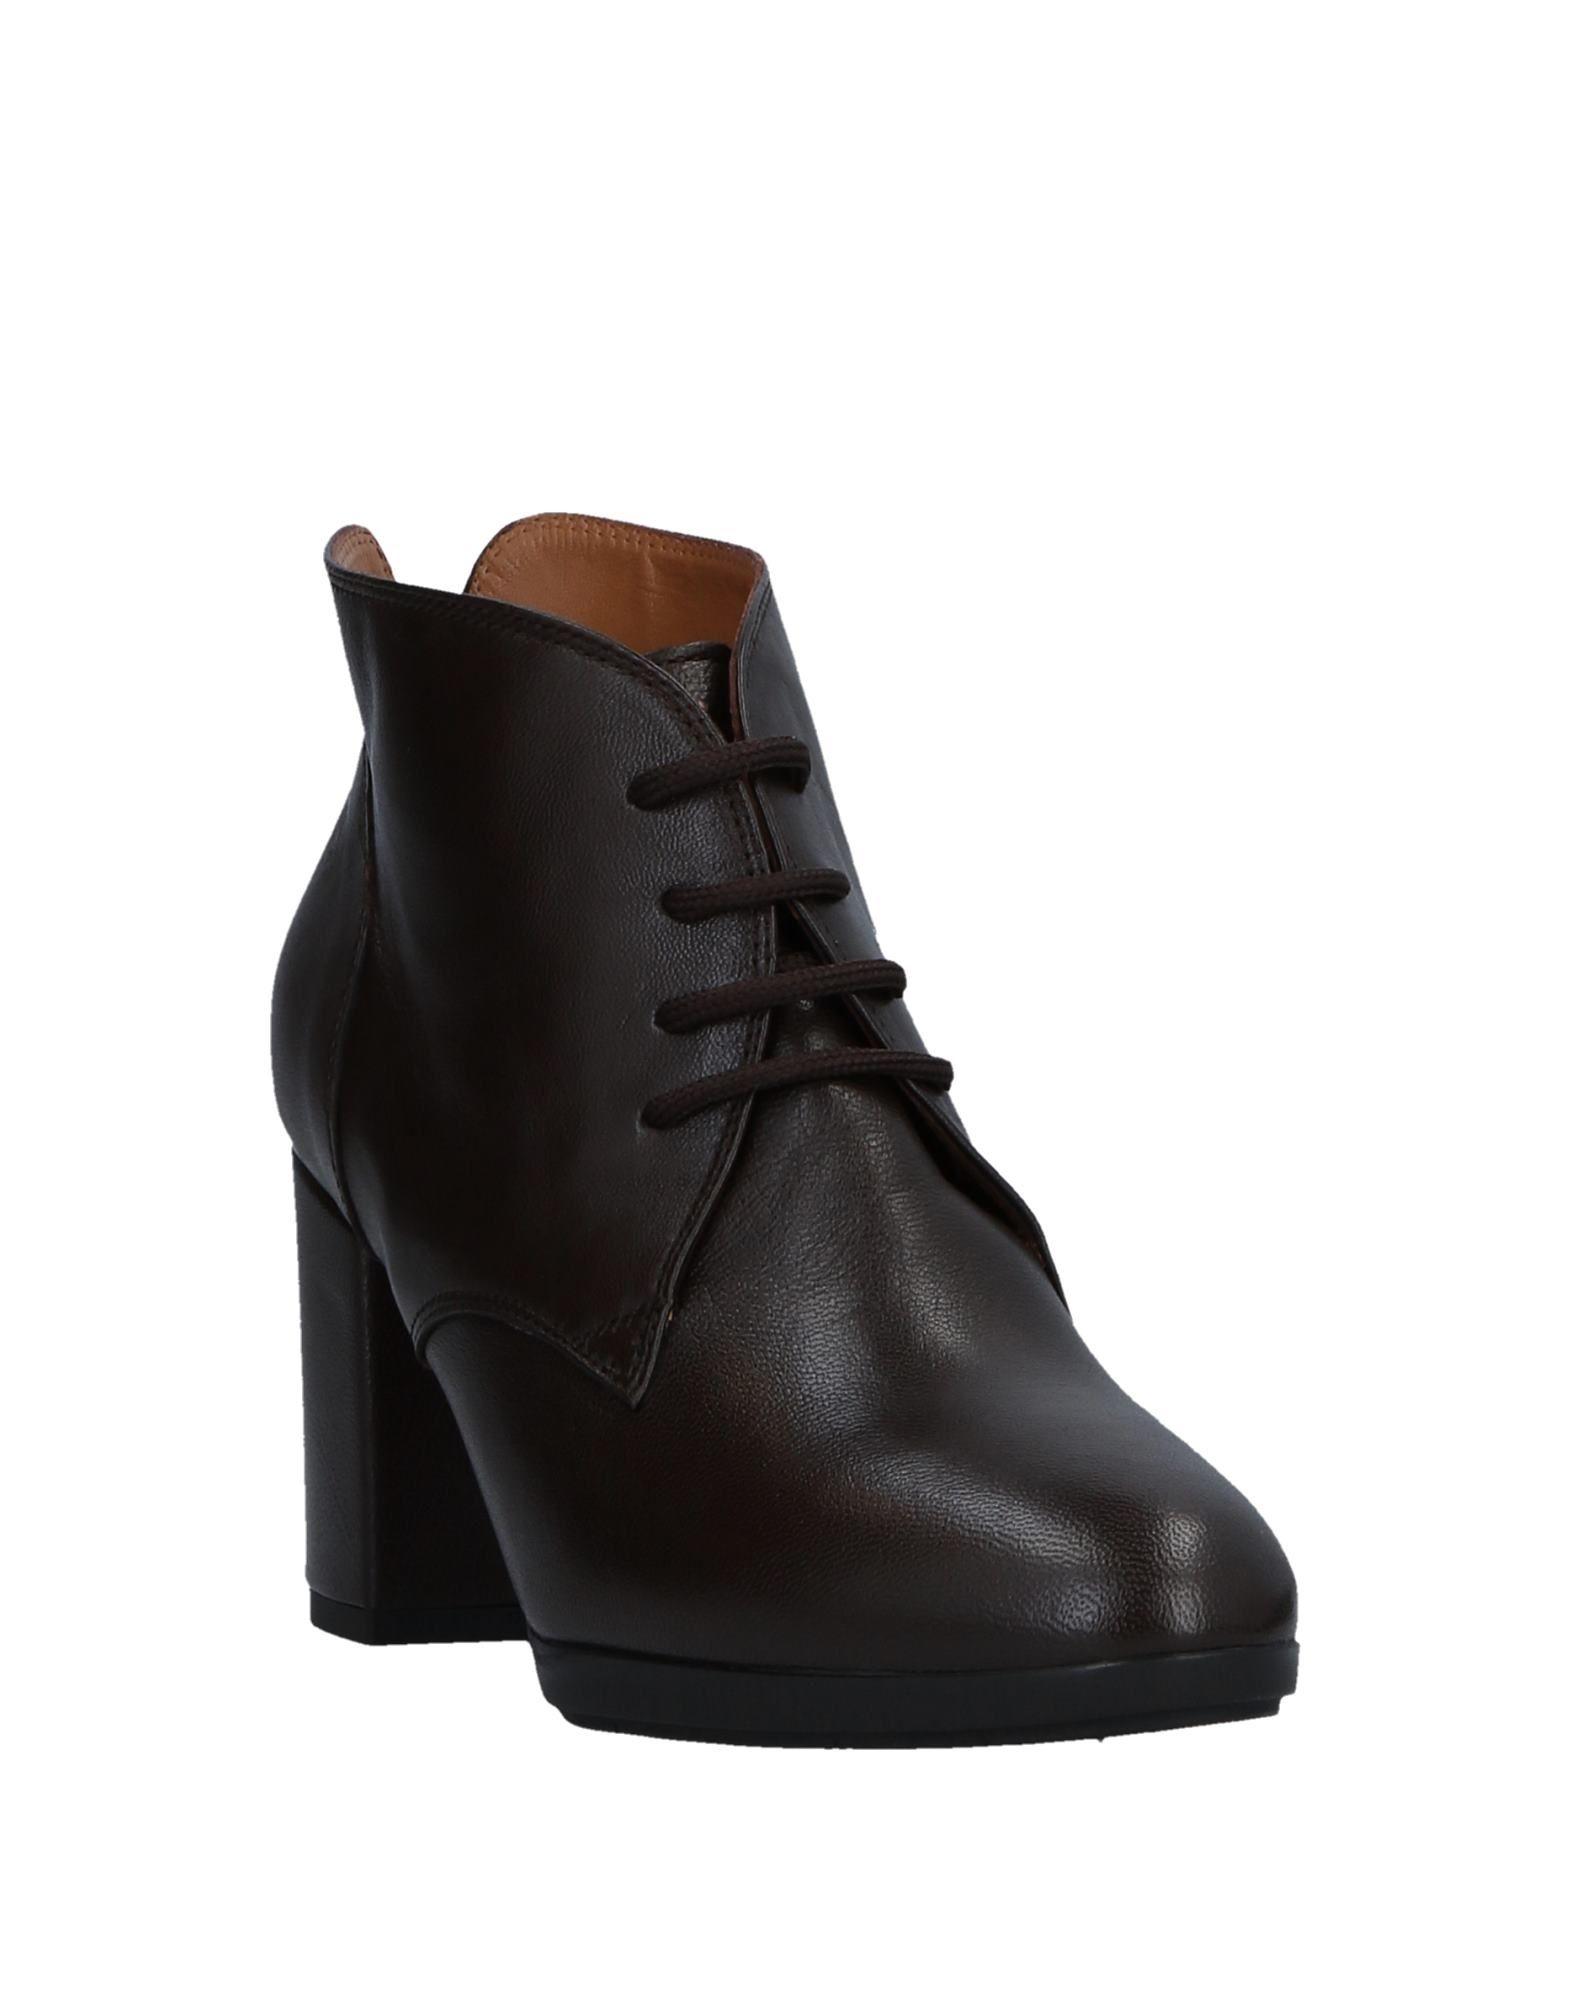 Rabatt Schuhe F.Lli Bruglia Stiefelette Stiefelette Stiefelette Damen  11520593OR 9145e3